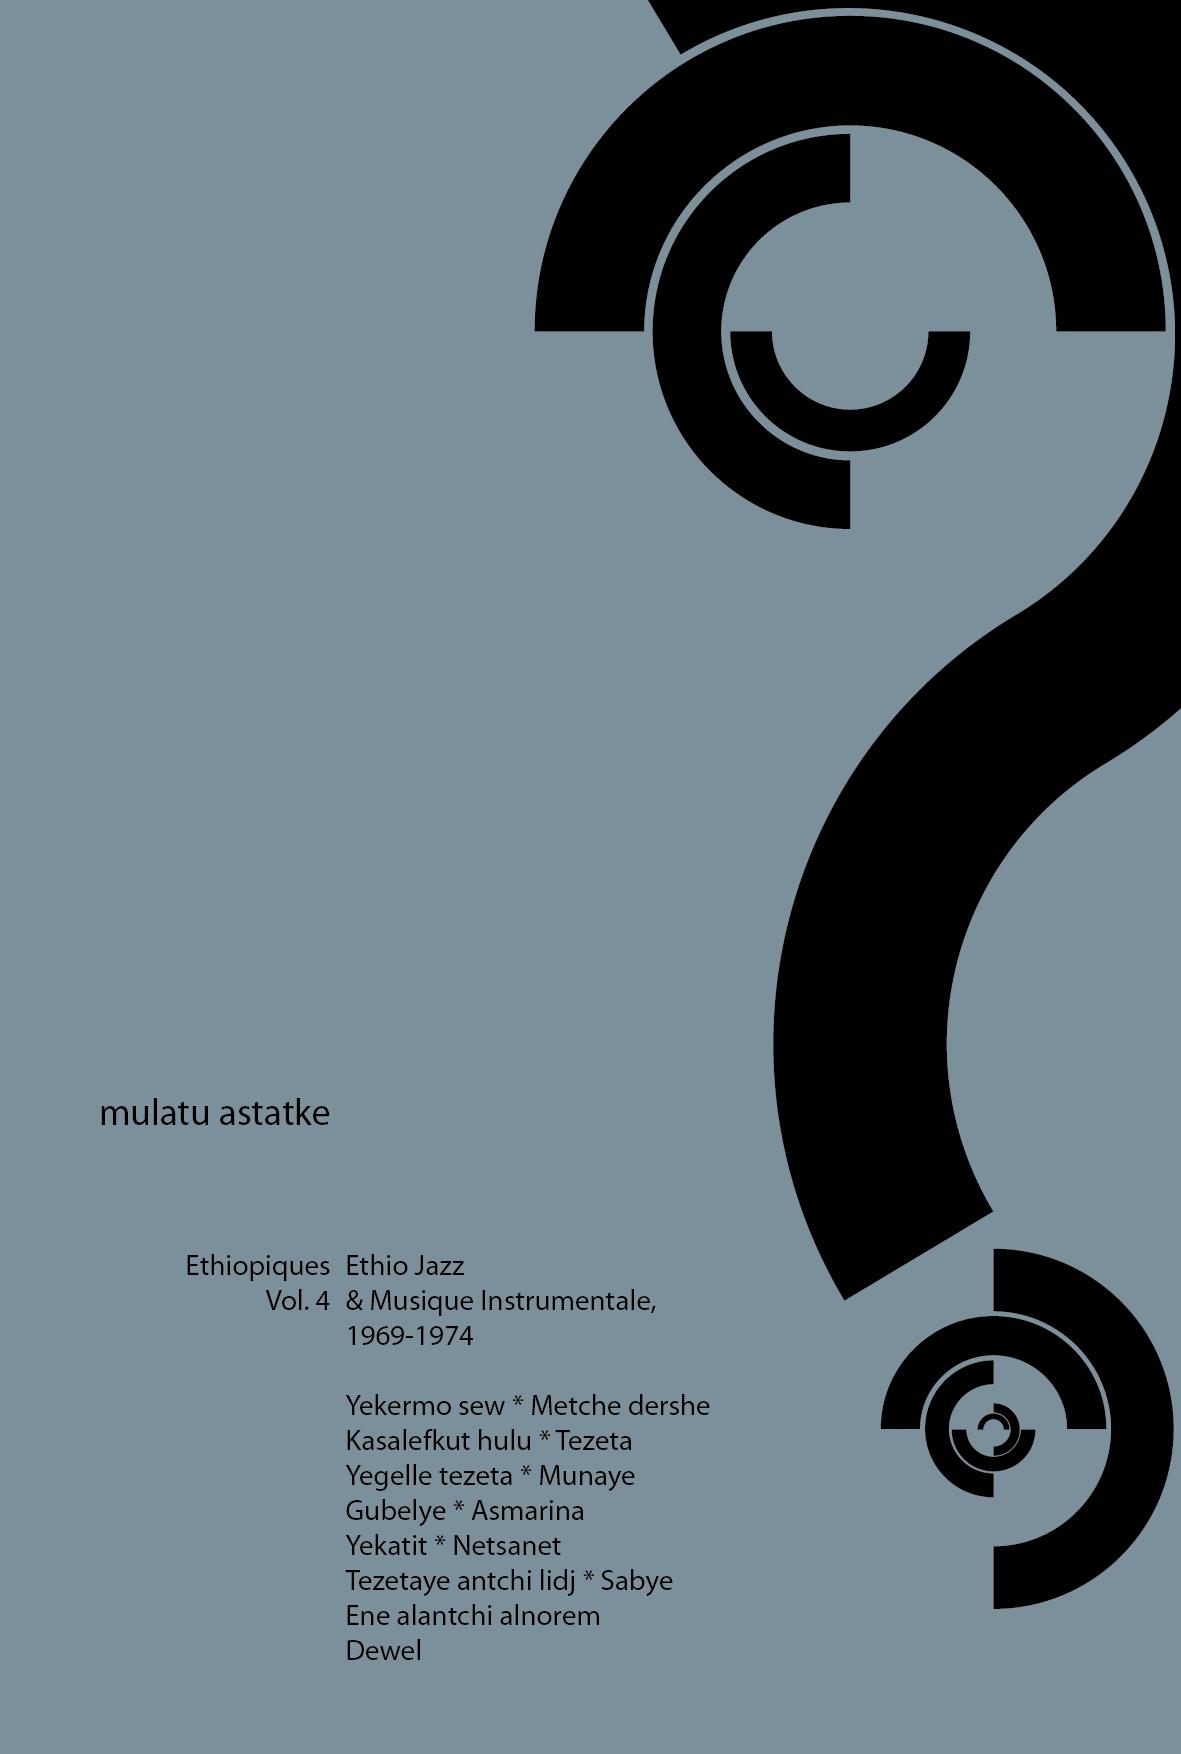 affiche-01